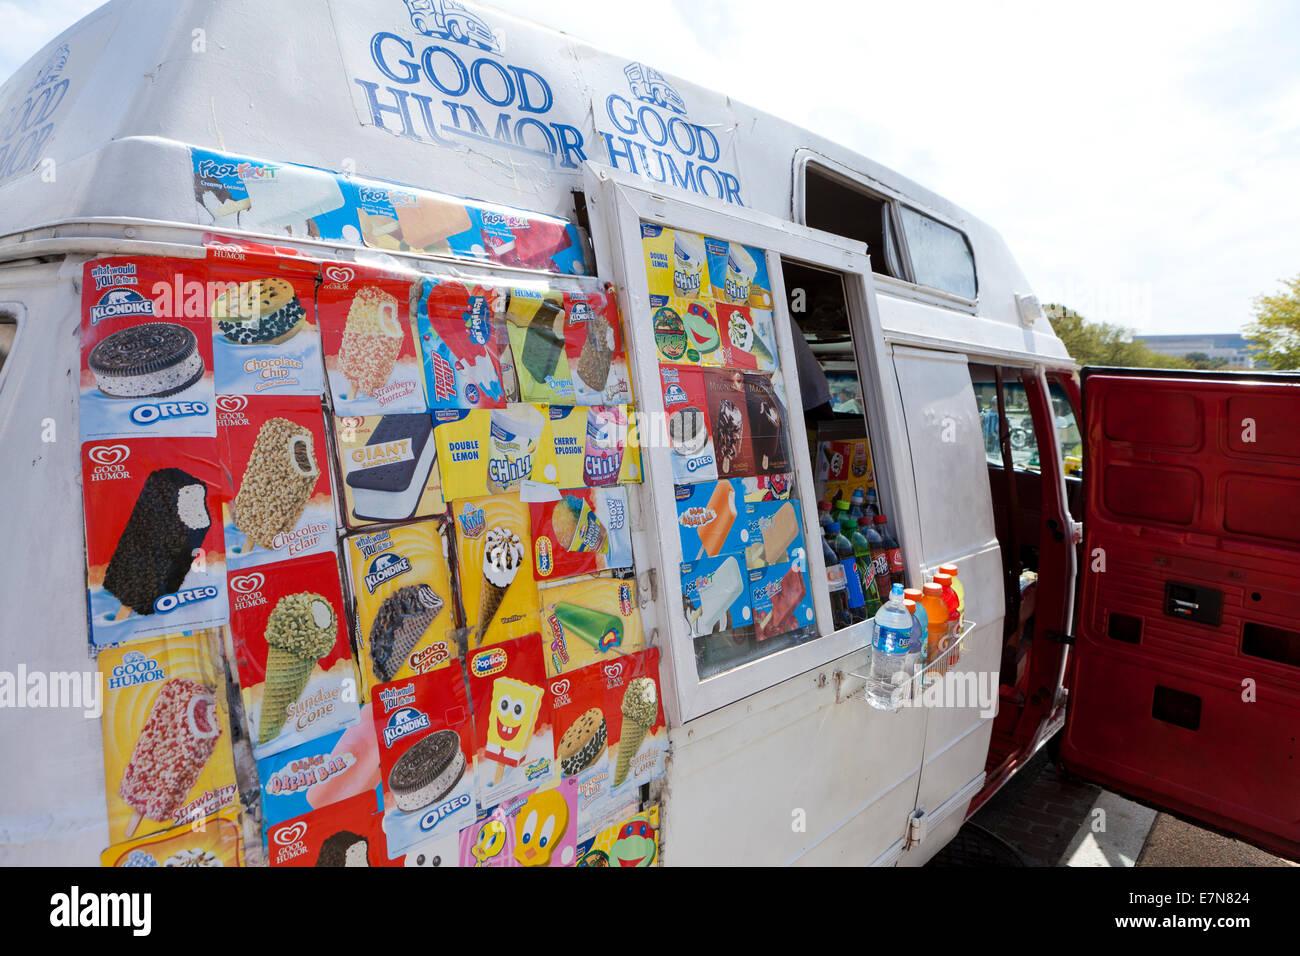 Buen humor camión de helados - EE.UU. Imagen De Stock